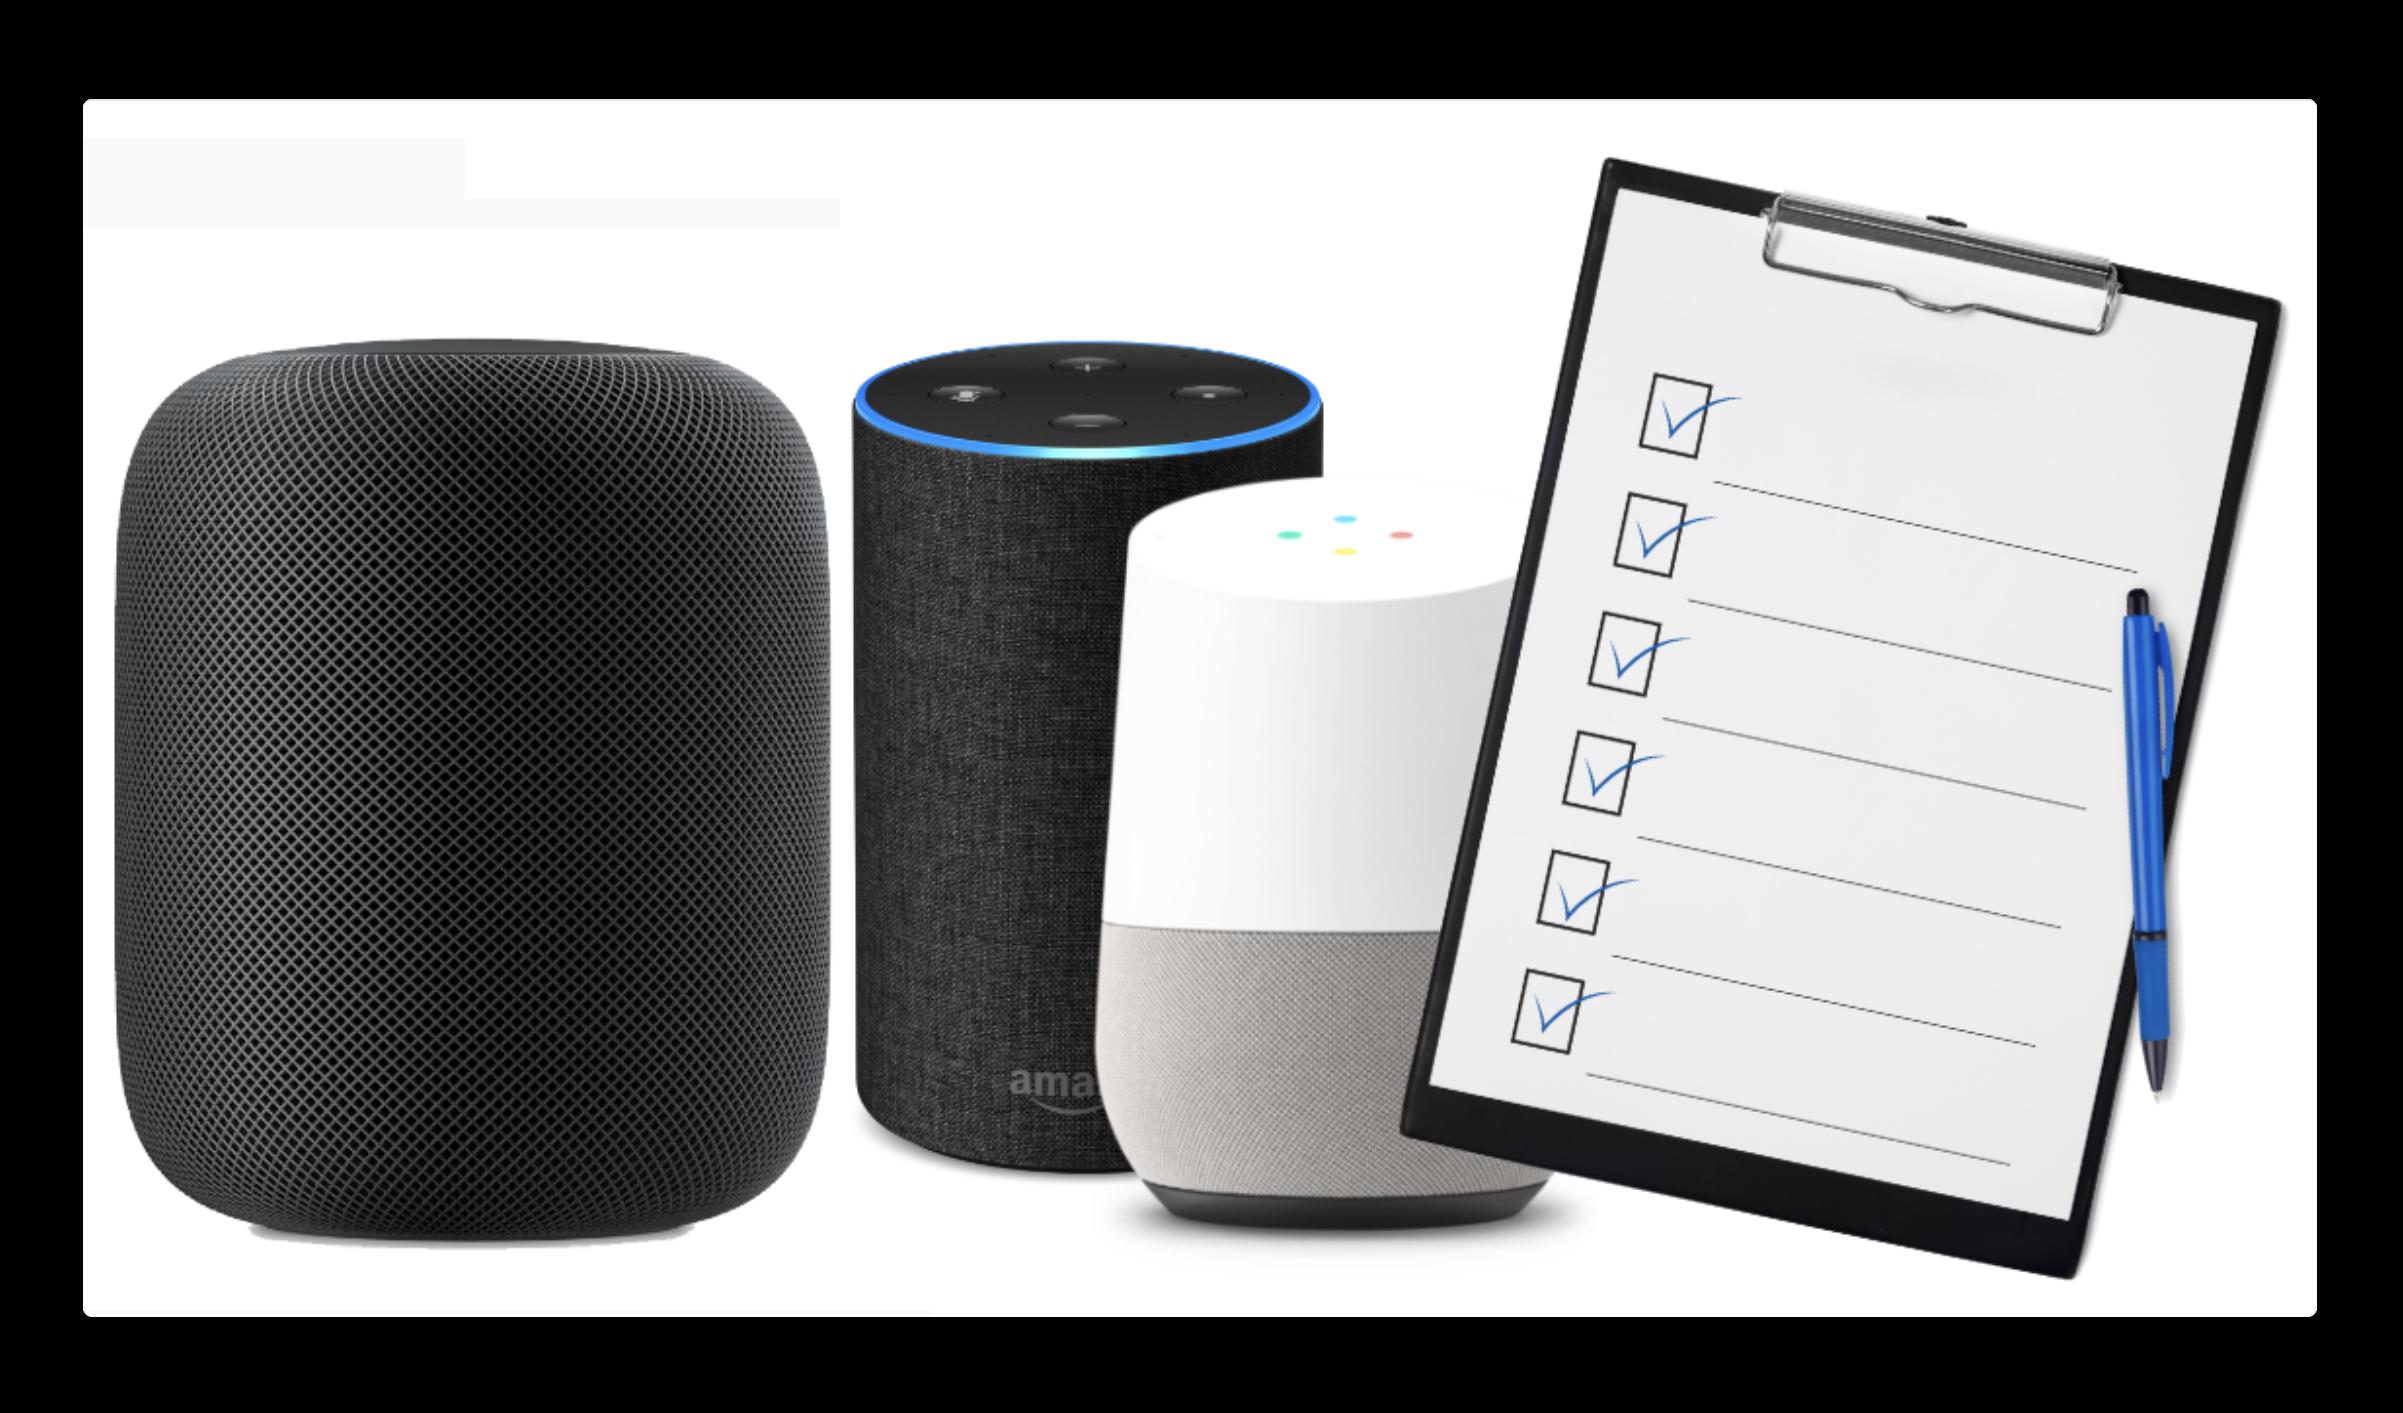 年間デジタルアシスタントIQテストで、SiriはGoogle Assistantに次ぐ79%の回答率